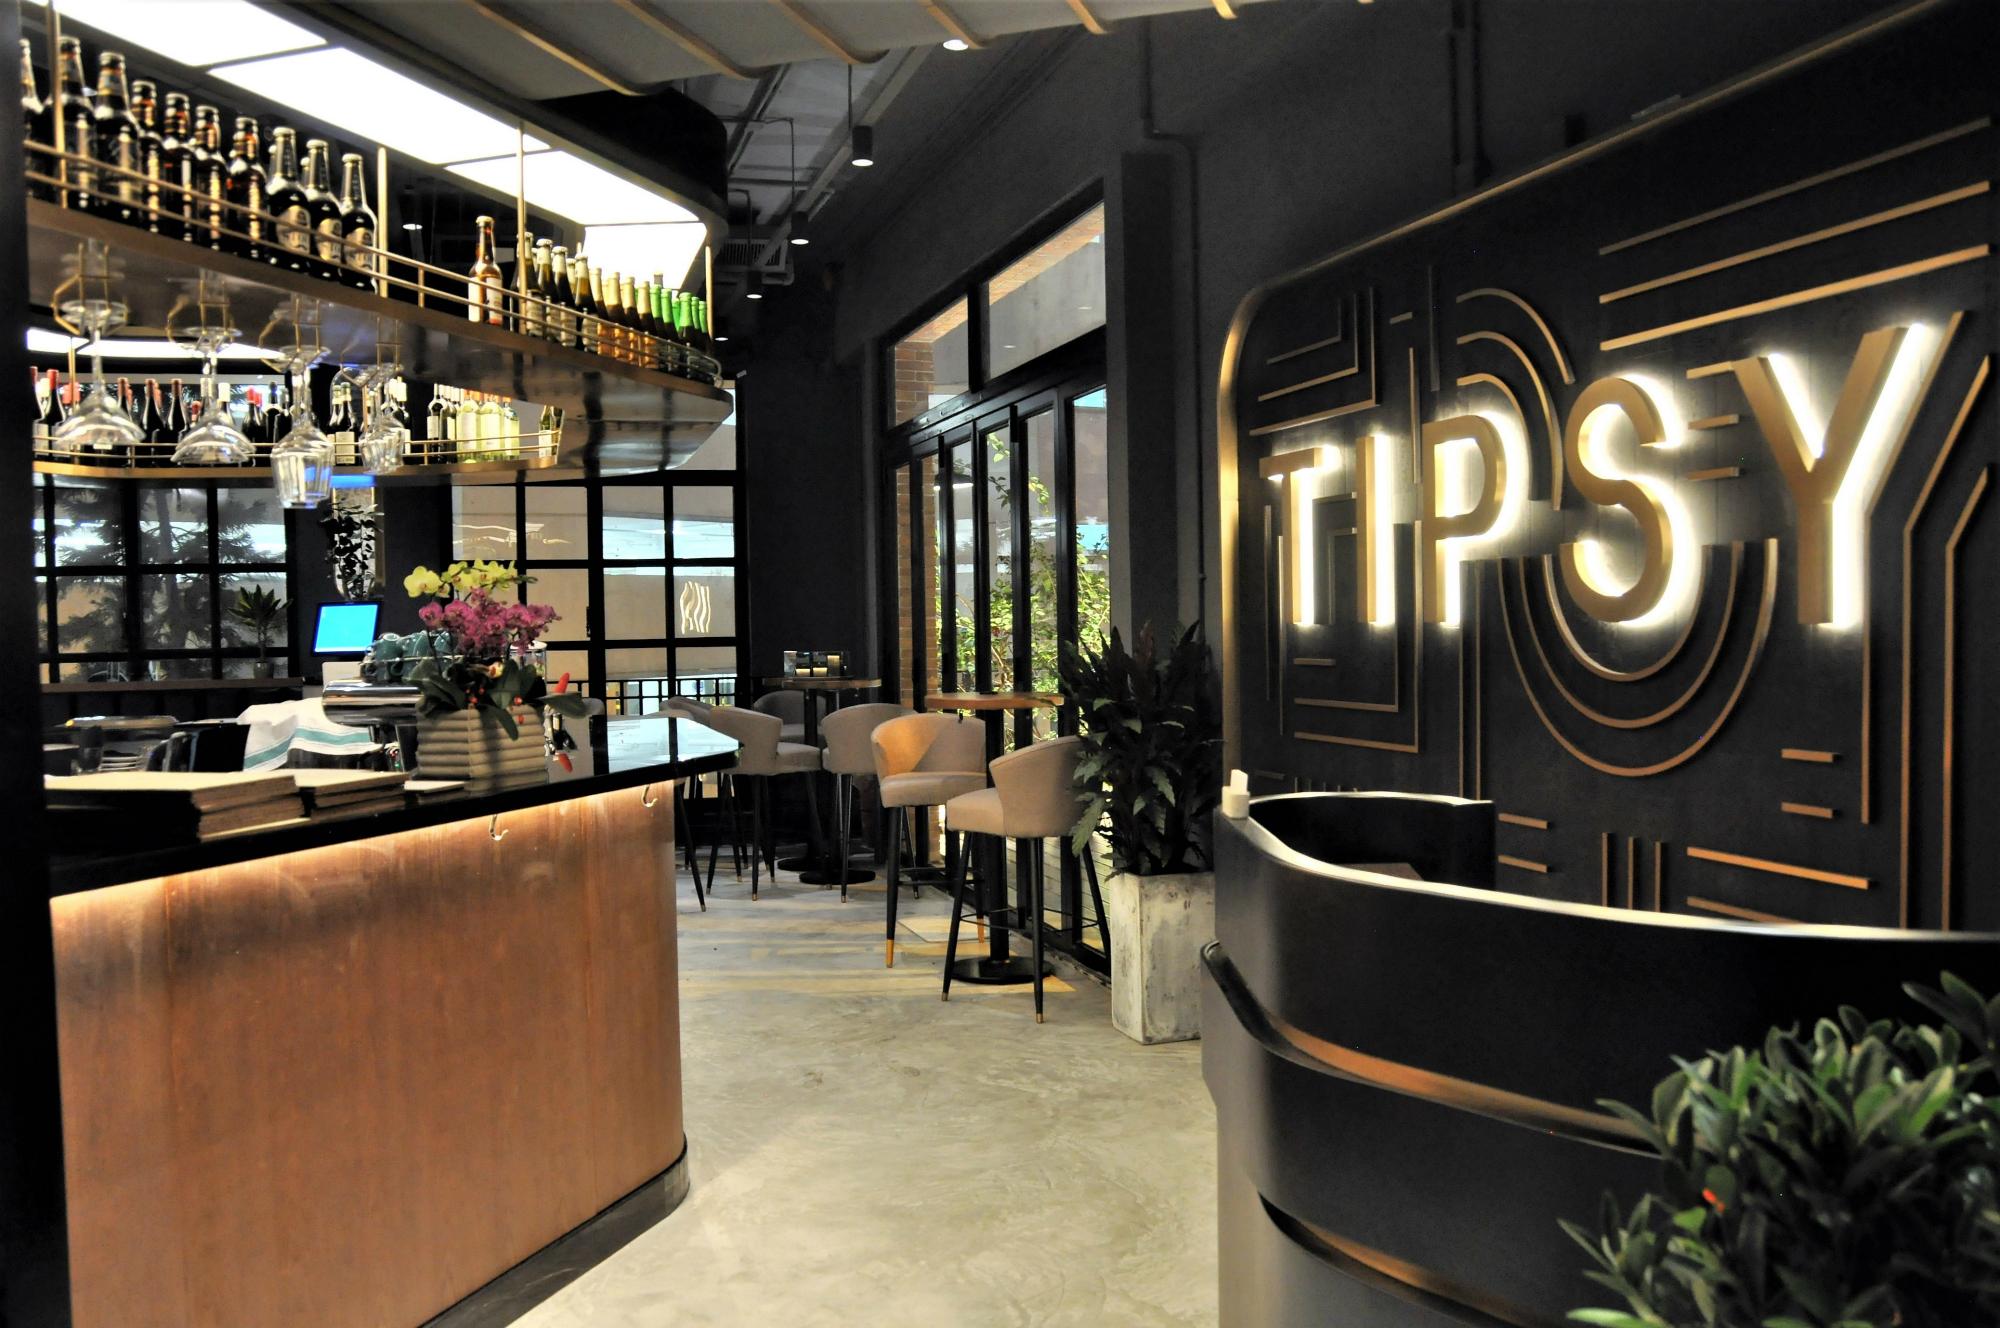 Tipsy Restaurant & Bar